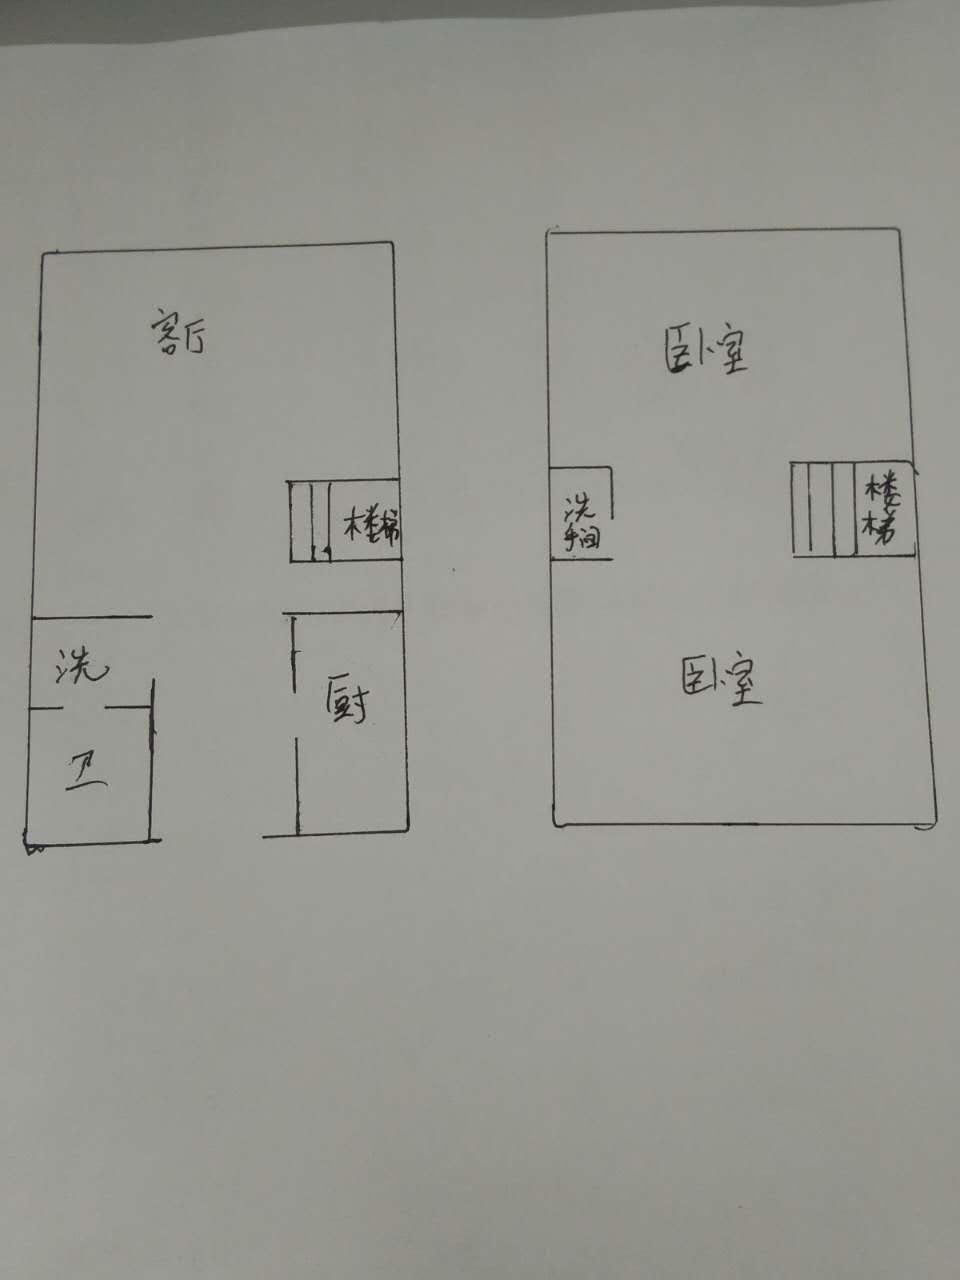 未来城 2室1厅 11楼